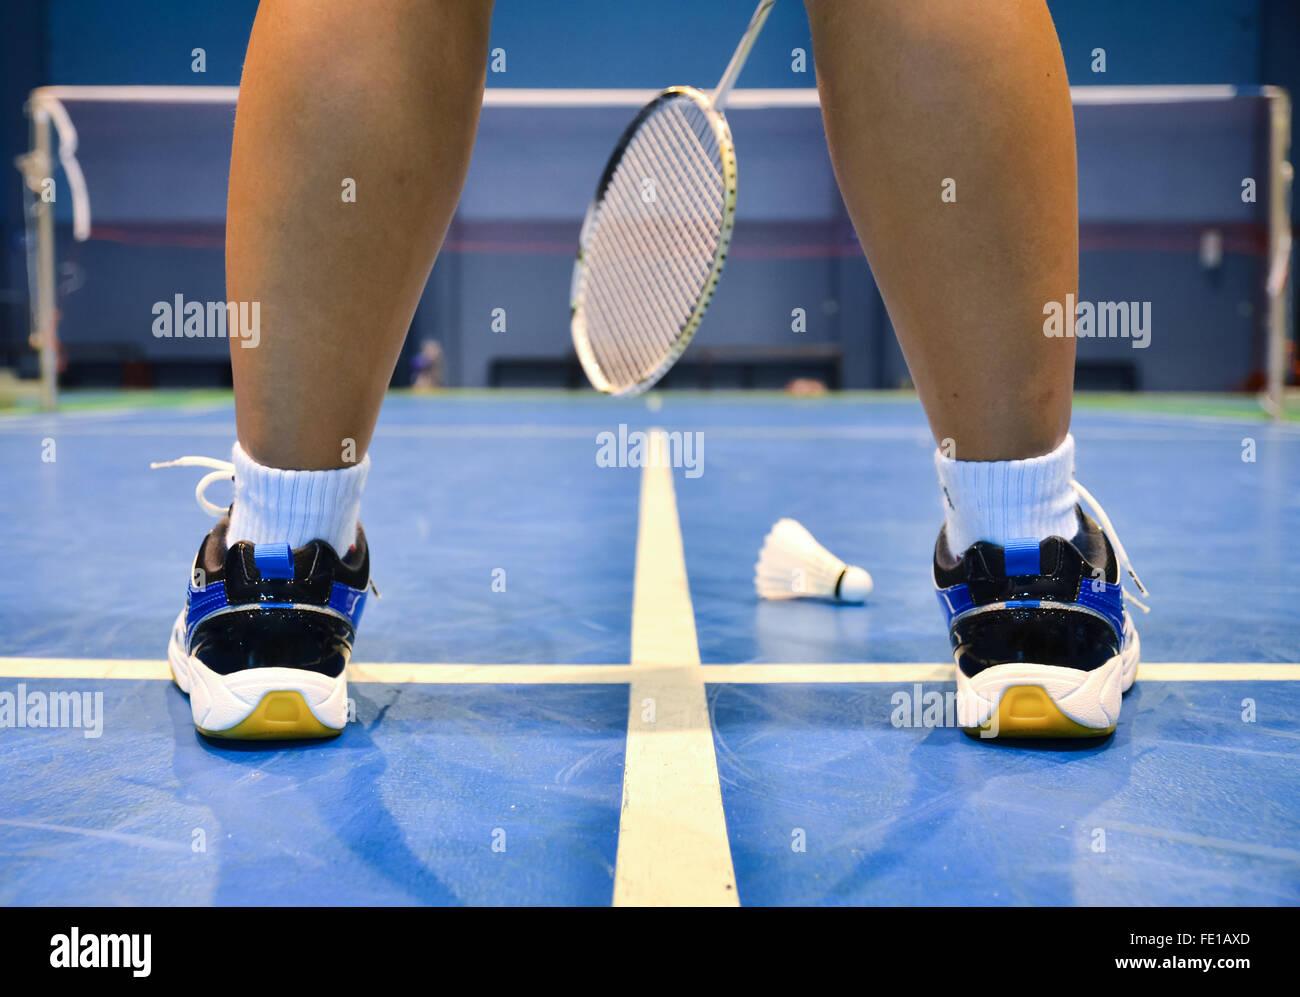 Badminton con lettore di badminton Immagini Stock